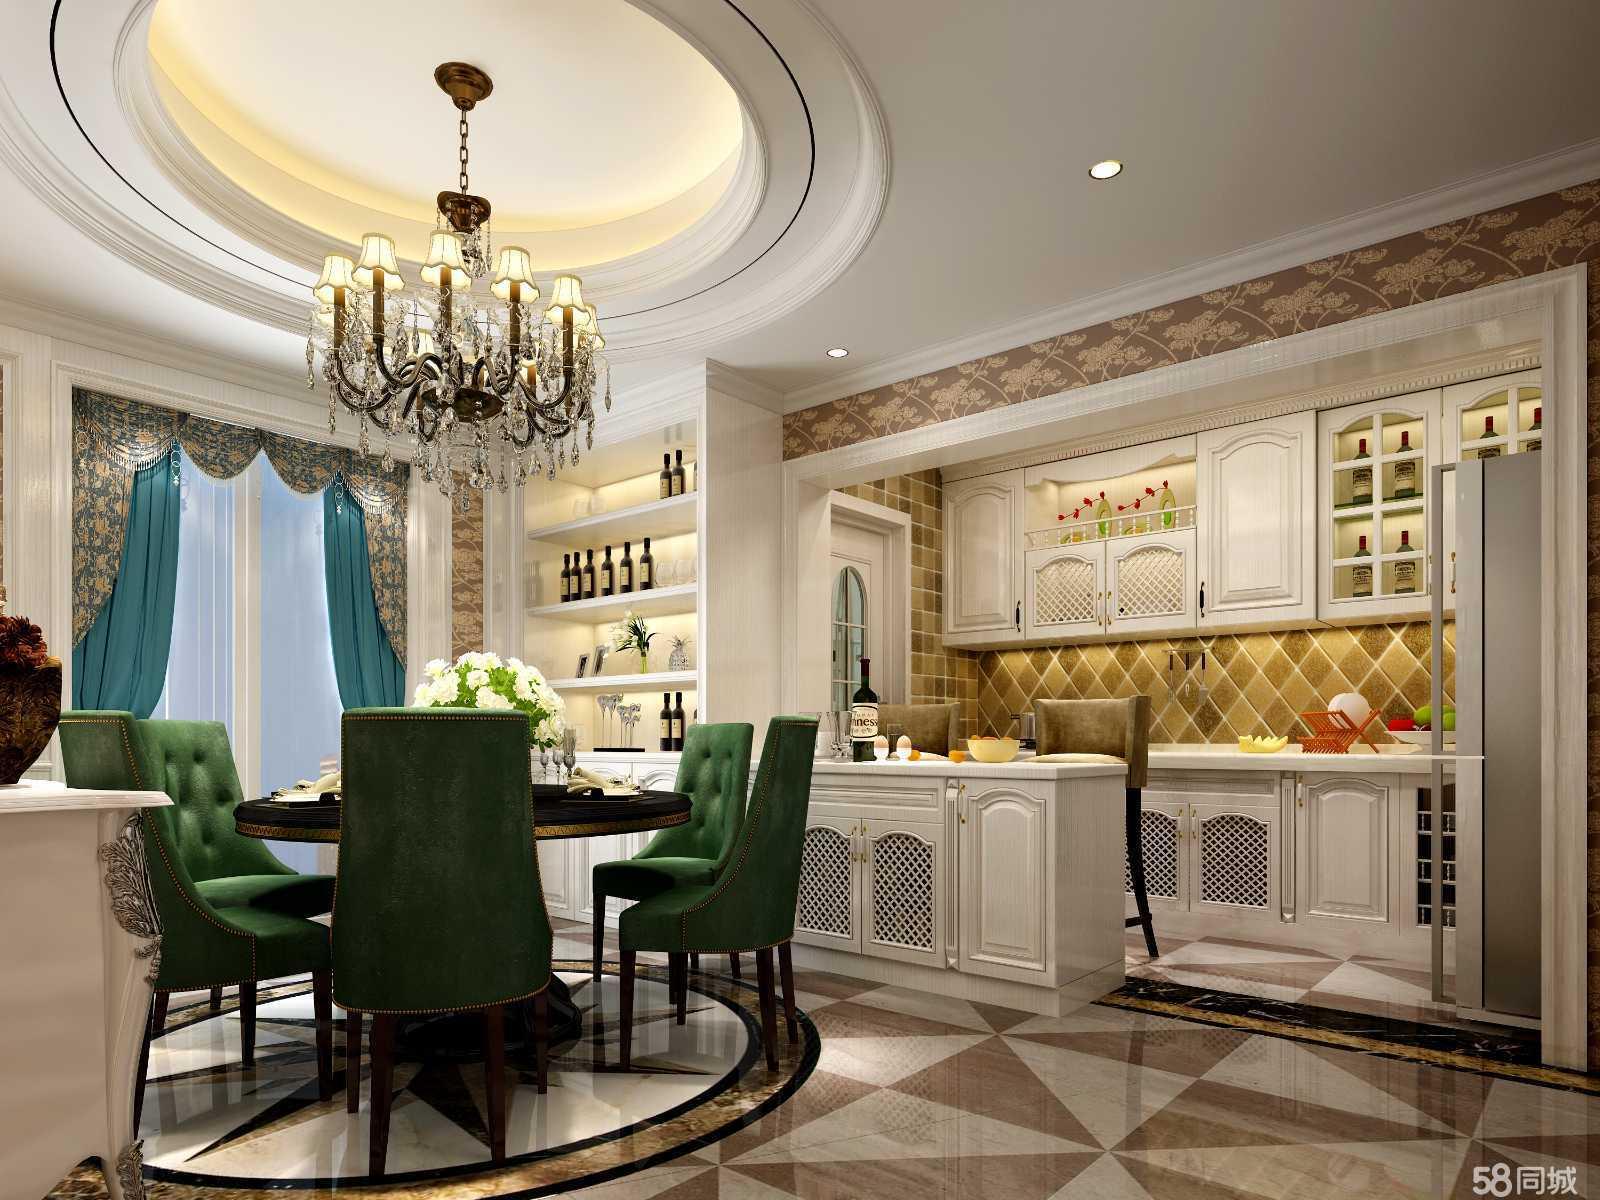 上海虹口室内手绘培训学校,打造高端室内设计师人才